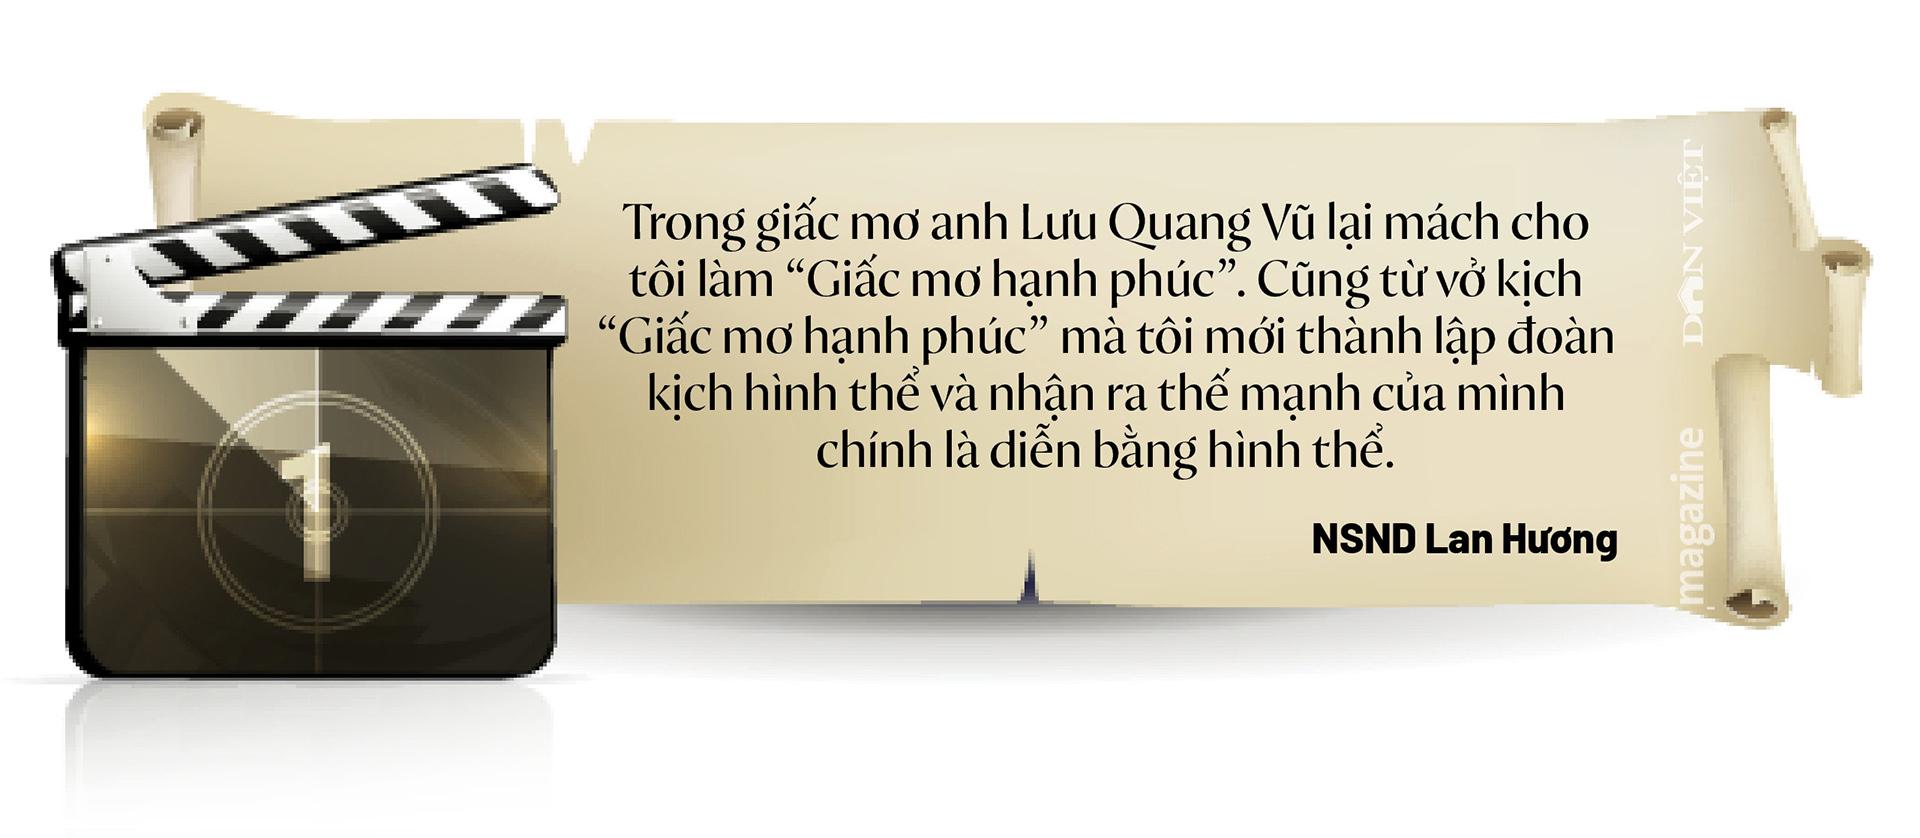 NSND Lan Hương: Tôi chưa bao giờ nghĩ, mình có thể rời xa được Hà Nội  - Ảnh 11.